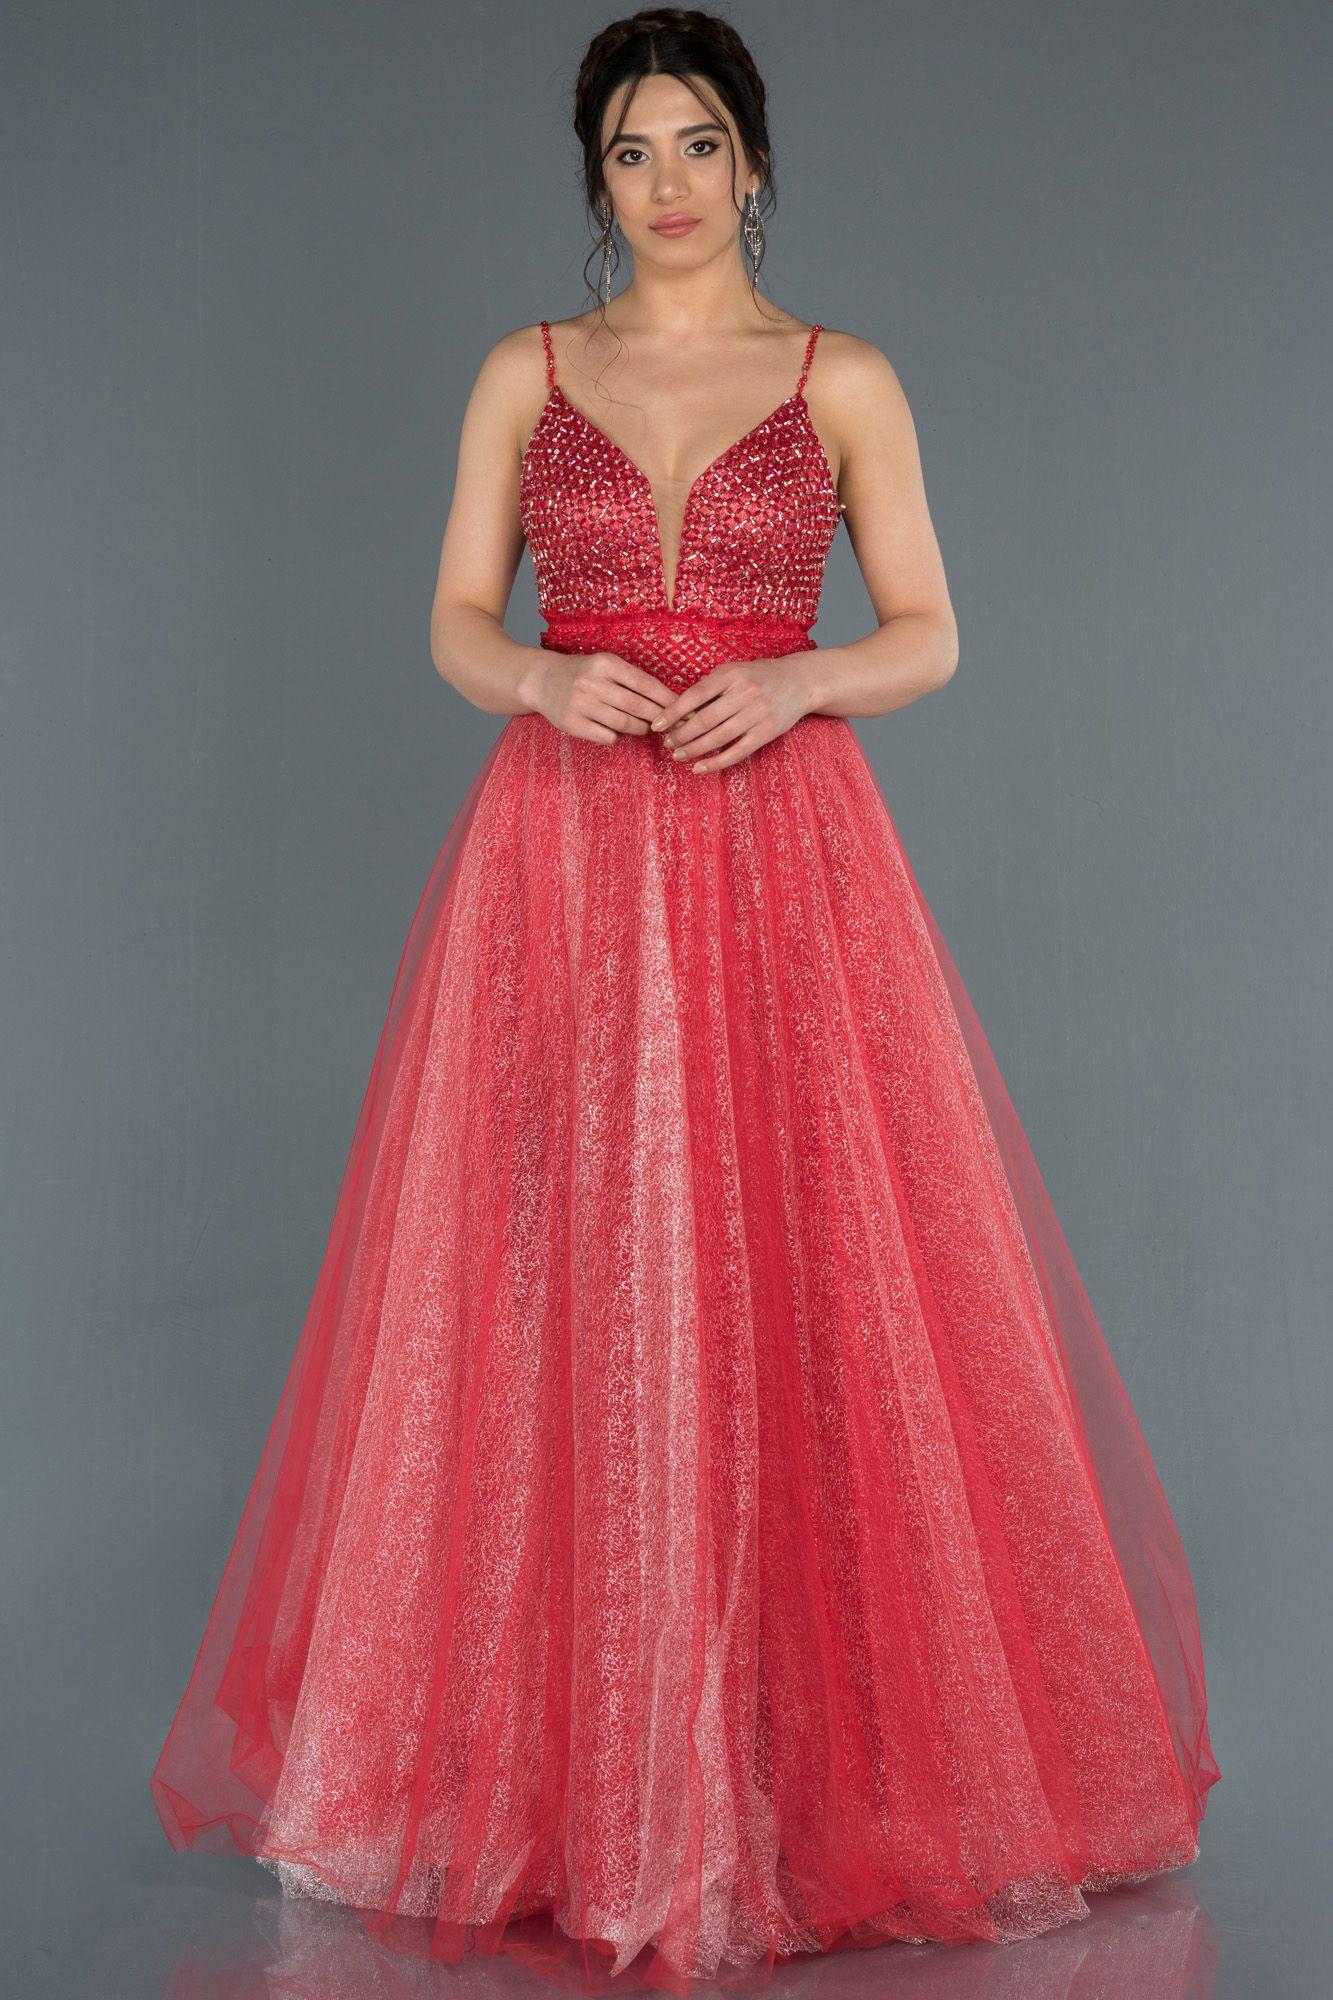 Kirmizi Sirt Dekolteli Tas Islemeli Tul Abiye Elbise Abu1336 2020 The Dress Elbise Modelleri Uzun Elbise